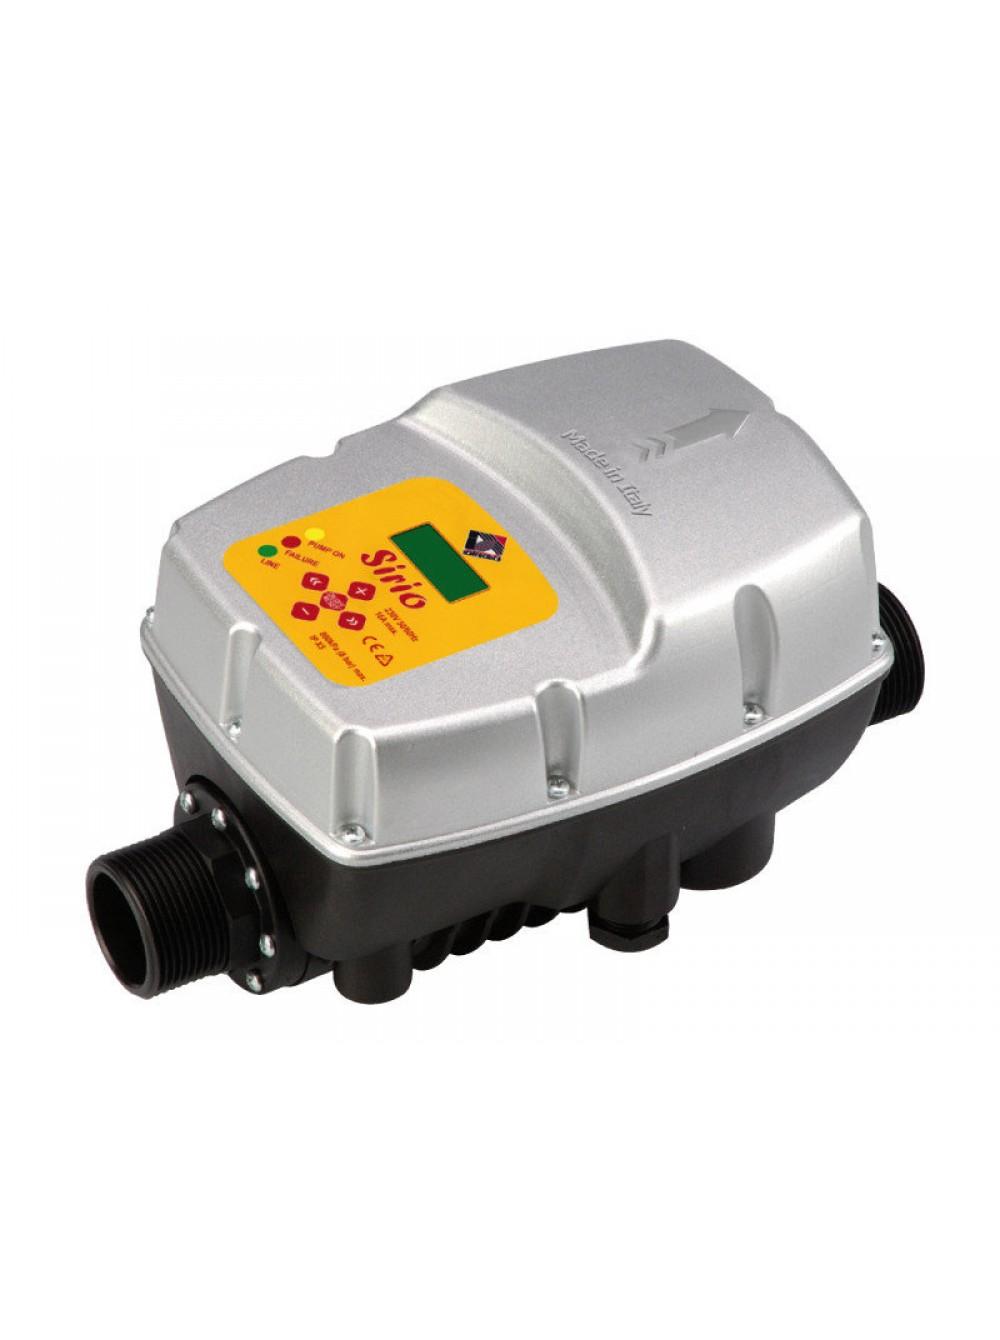 Электронная автоматика с частотным преобразователем Sirio 2.0  Italtecnica цена